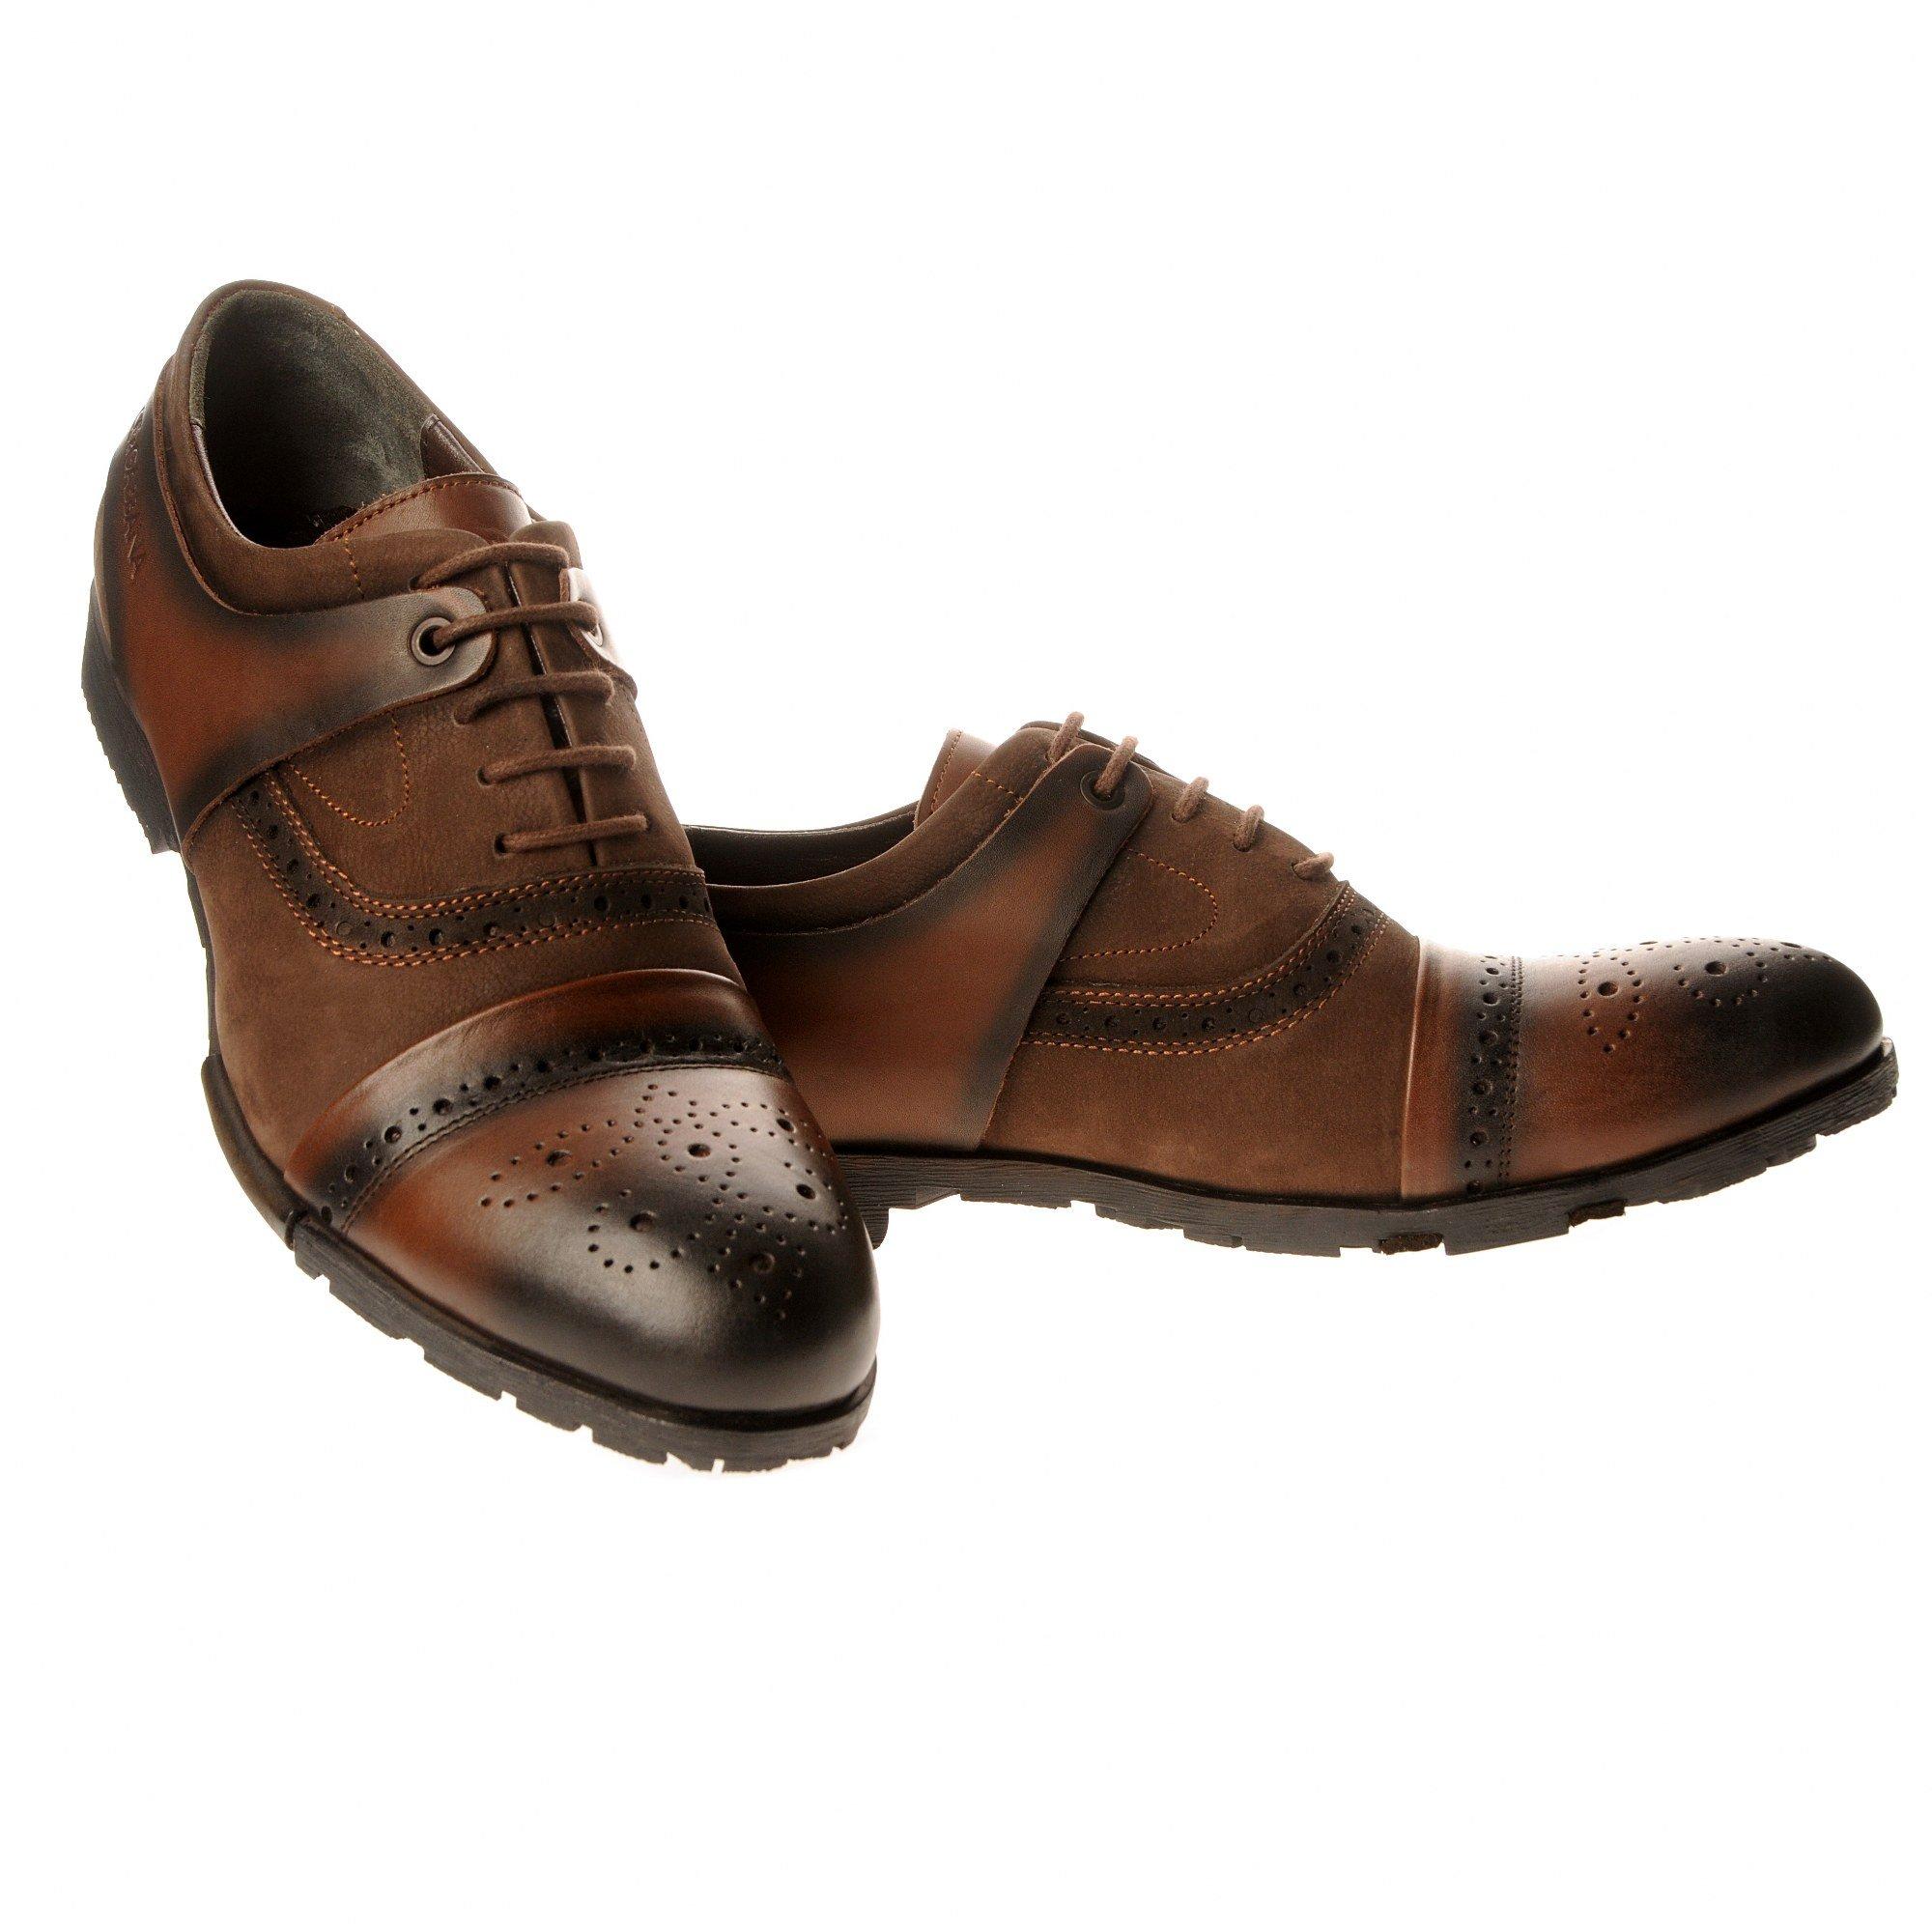 muske elegantne cipele #219 - muske elegantne cipele, muske cipele beograd, muski kaput, prodaja muskih kaputa beograd, muske braon cipele, prodaja elegantnih cipela